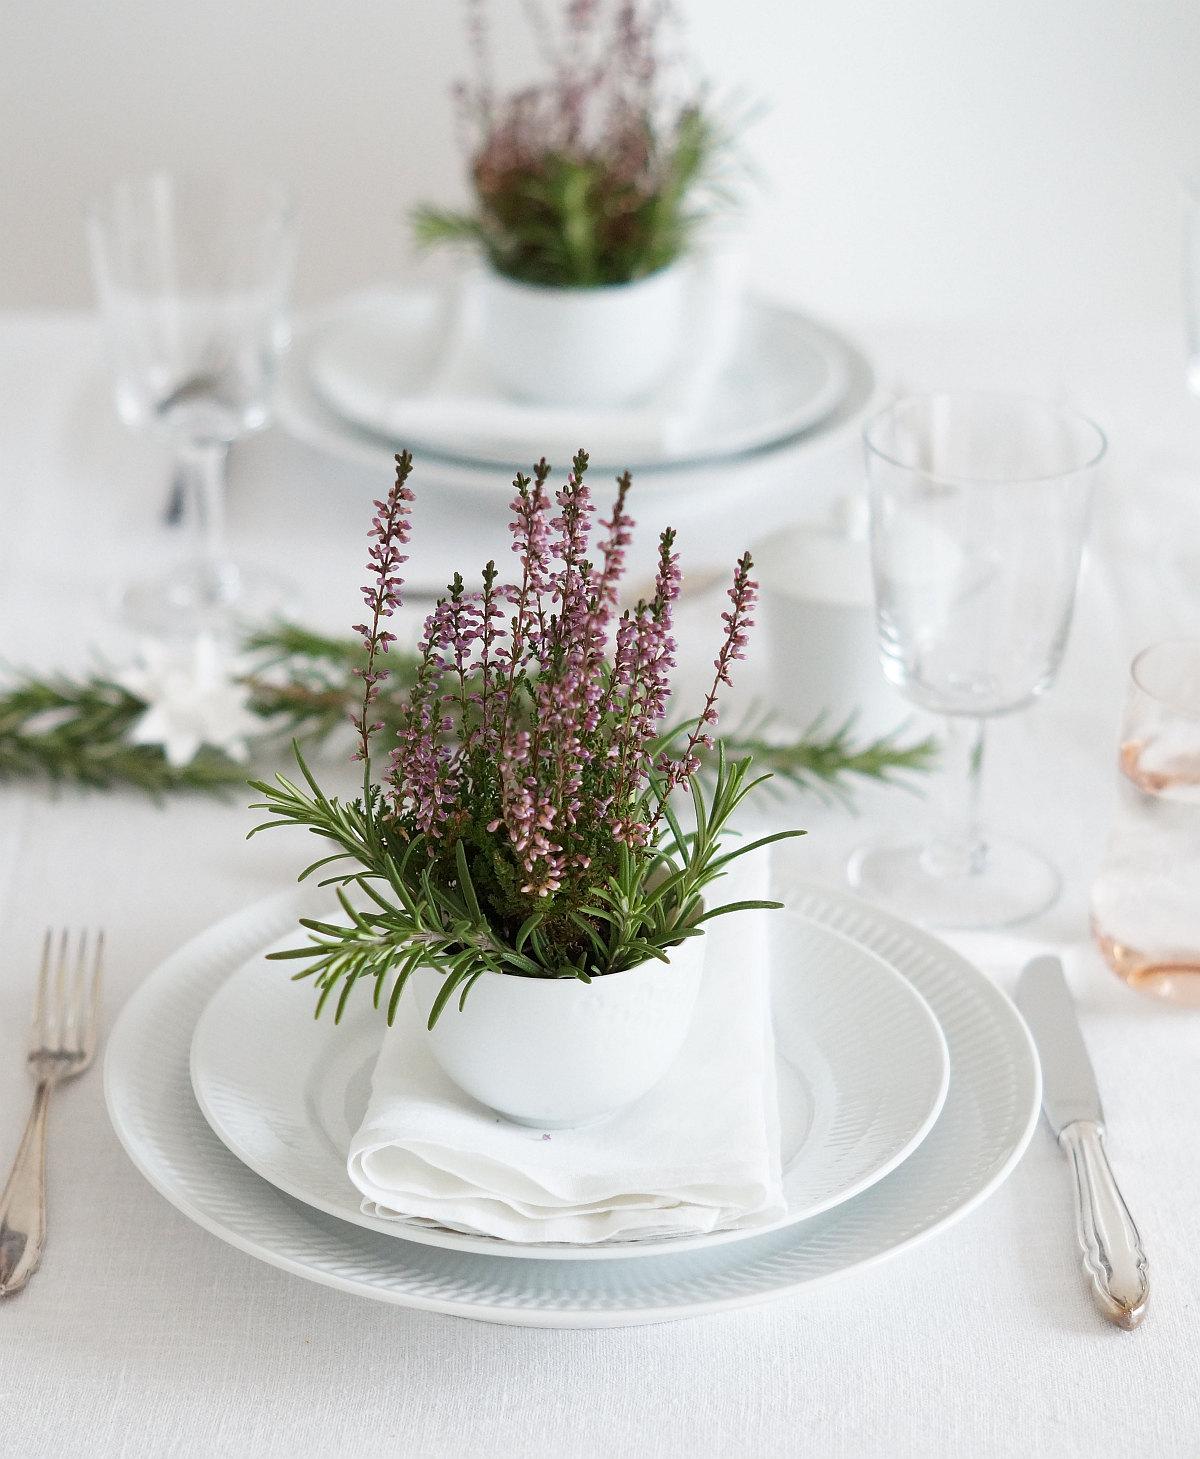 Tischdeko mit Erika | Foto: Sabine Wittig